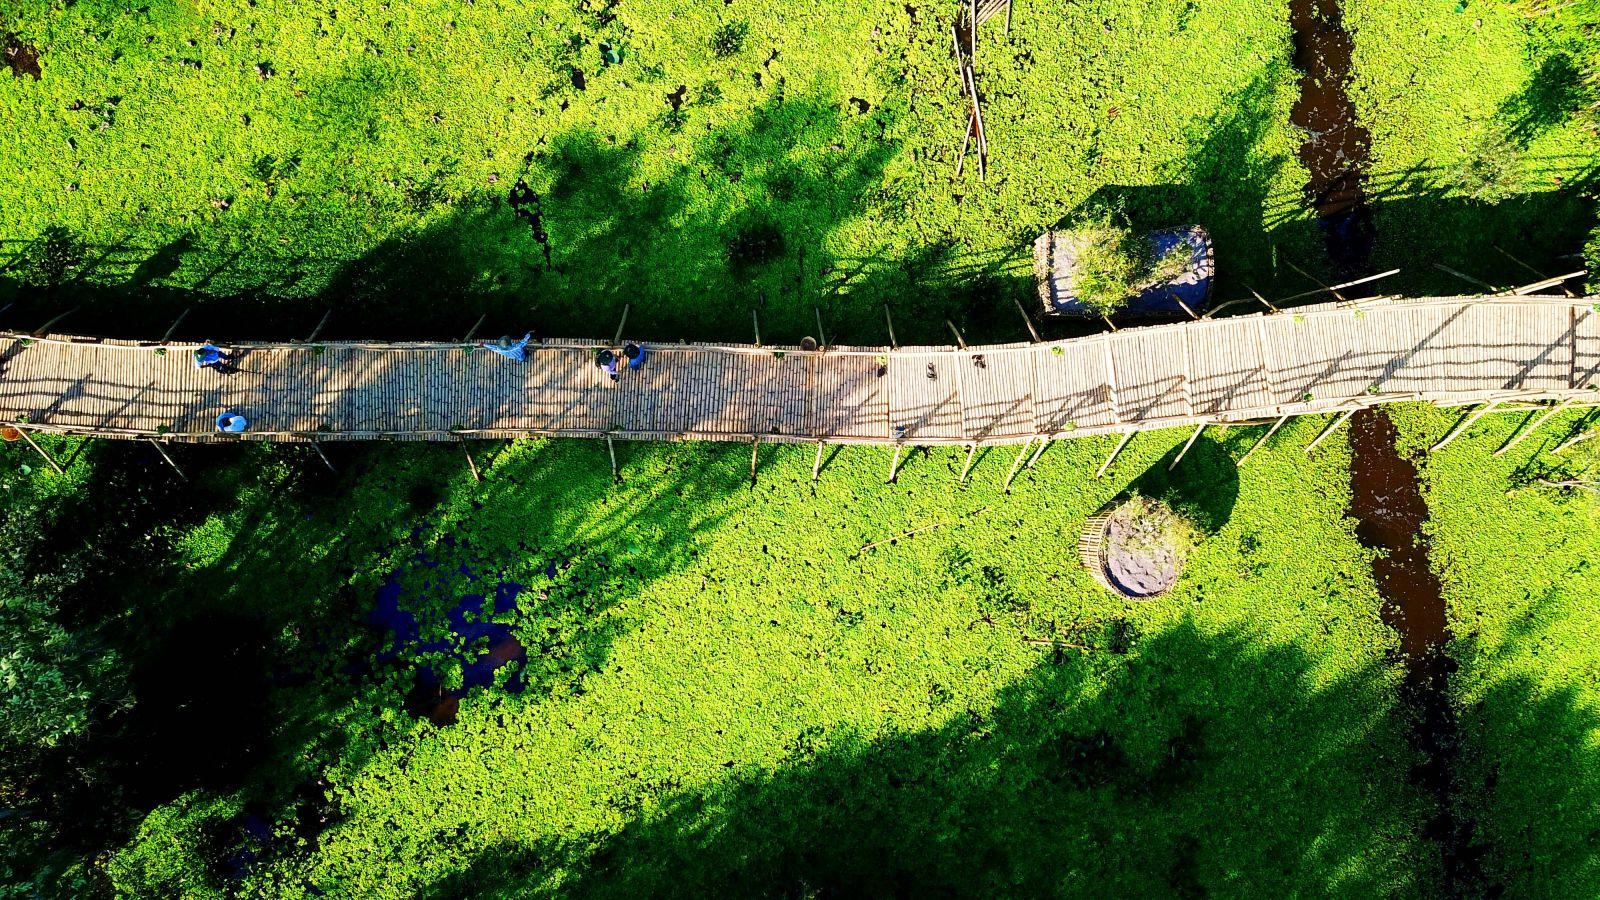 Hành trình khám phá những địa điểm đẹp nhất tại rừng tràm Trà Sư, An Giang  - Ảnh 7.